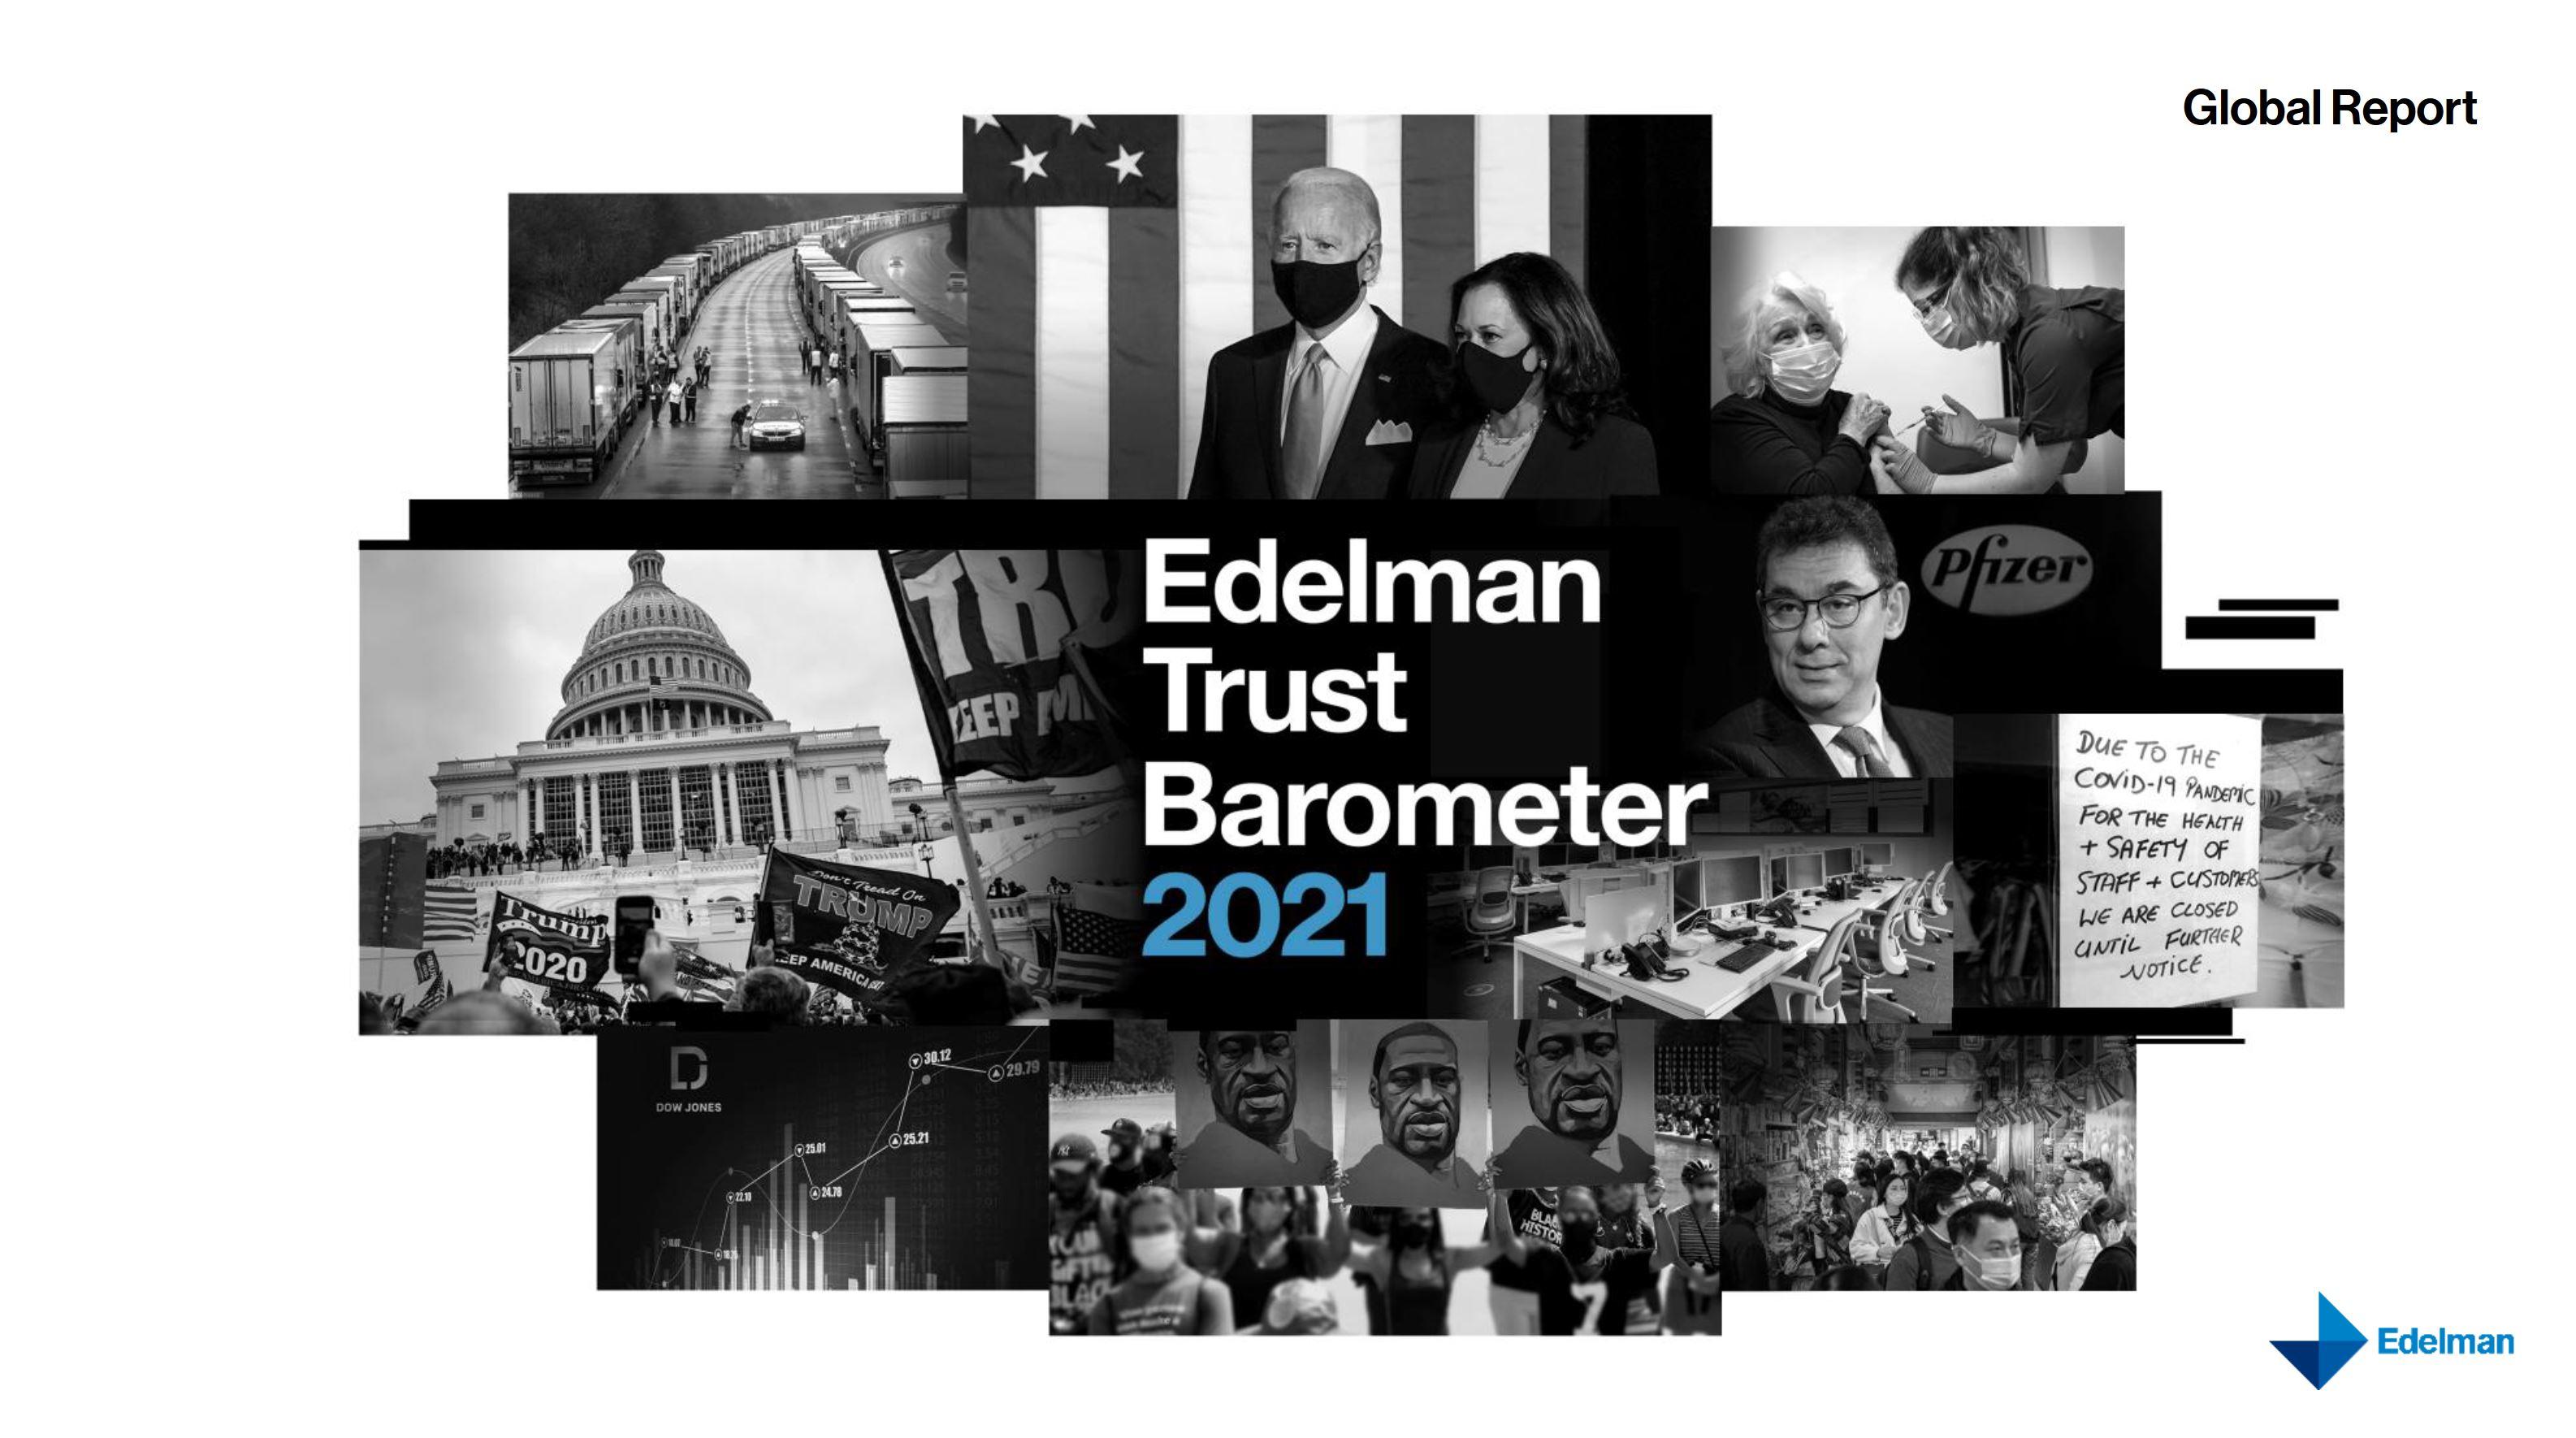 Keynote-Speaker-Igor-Beuker-Shares-Foresight-On-Edleman-Trust-Barometer-2021